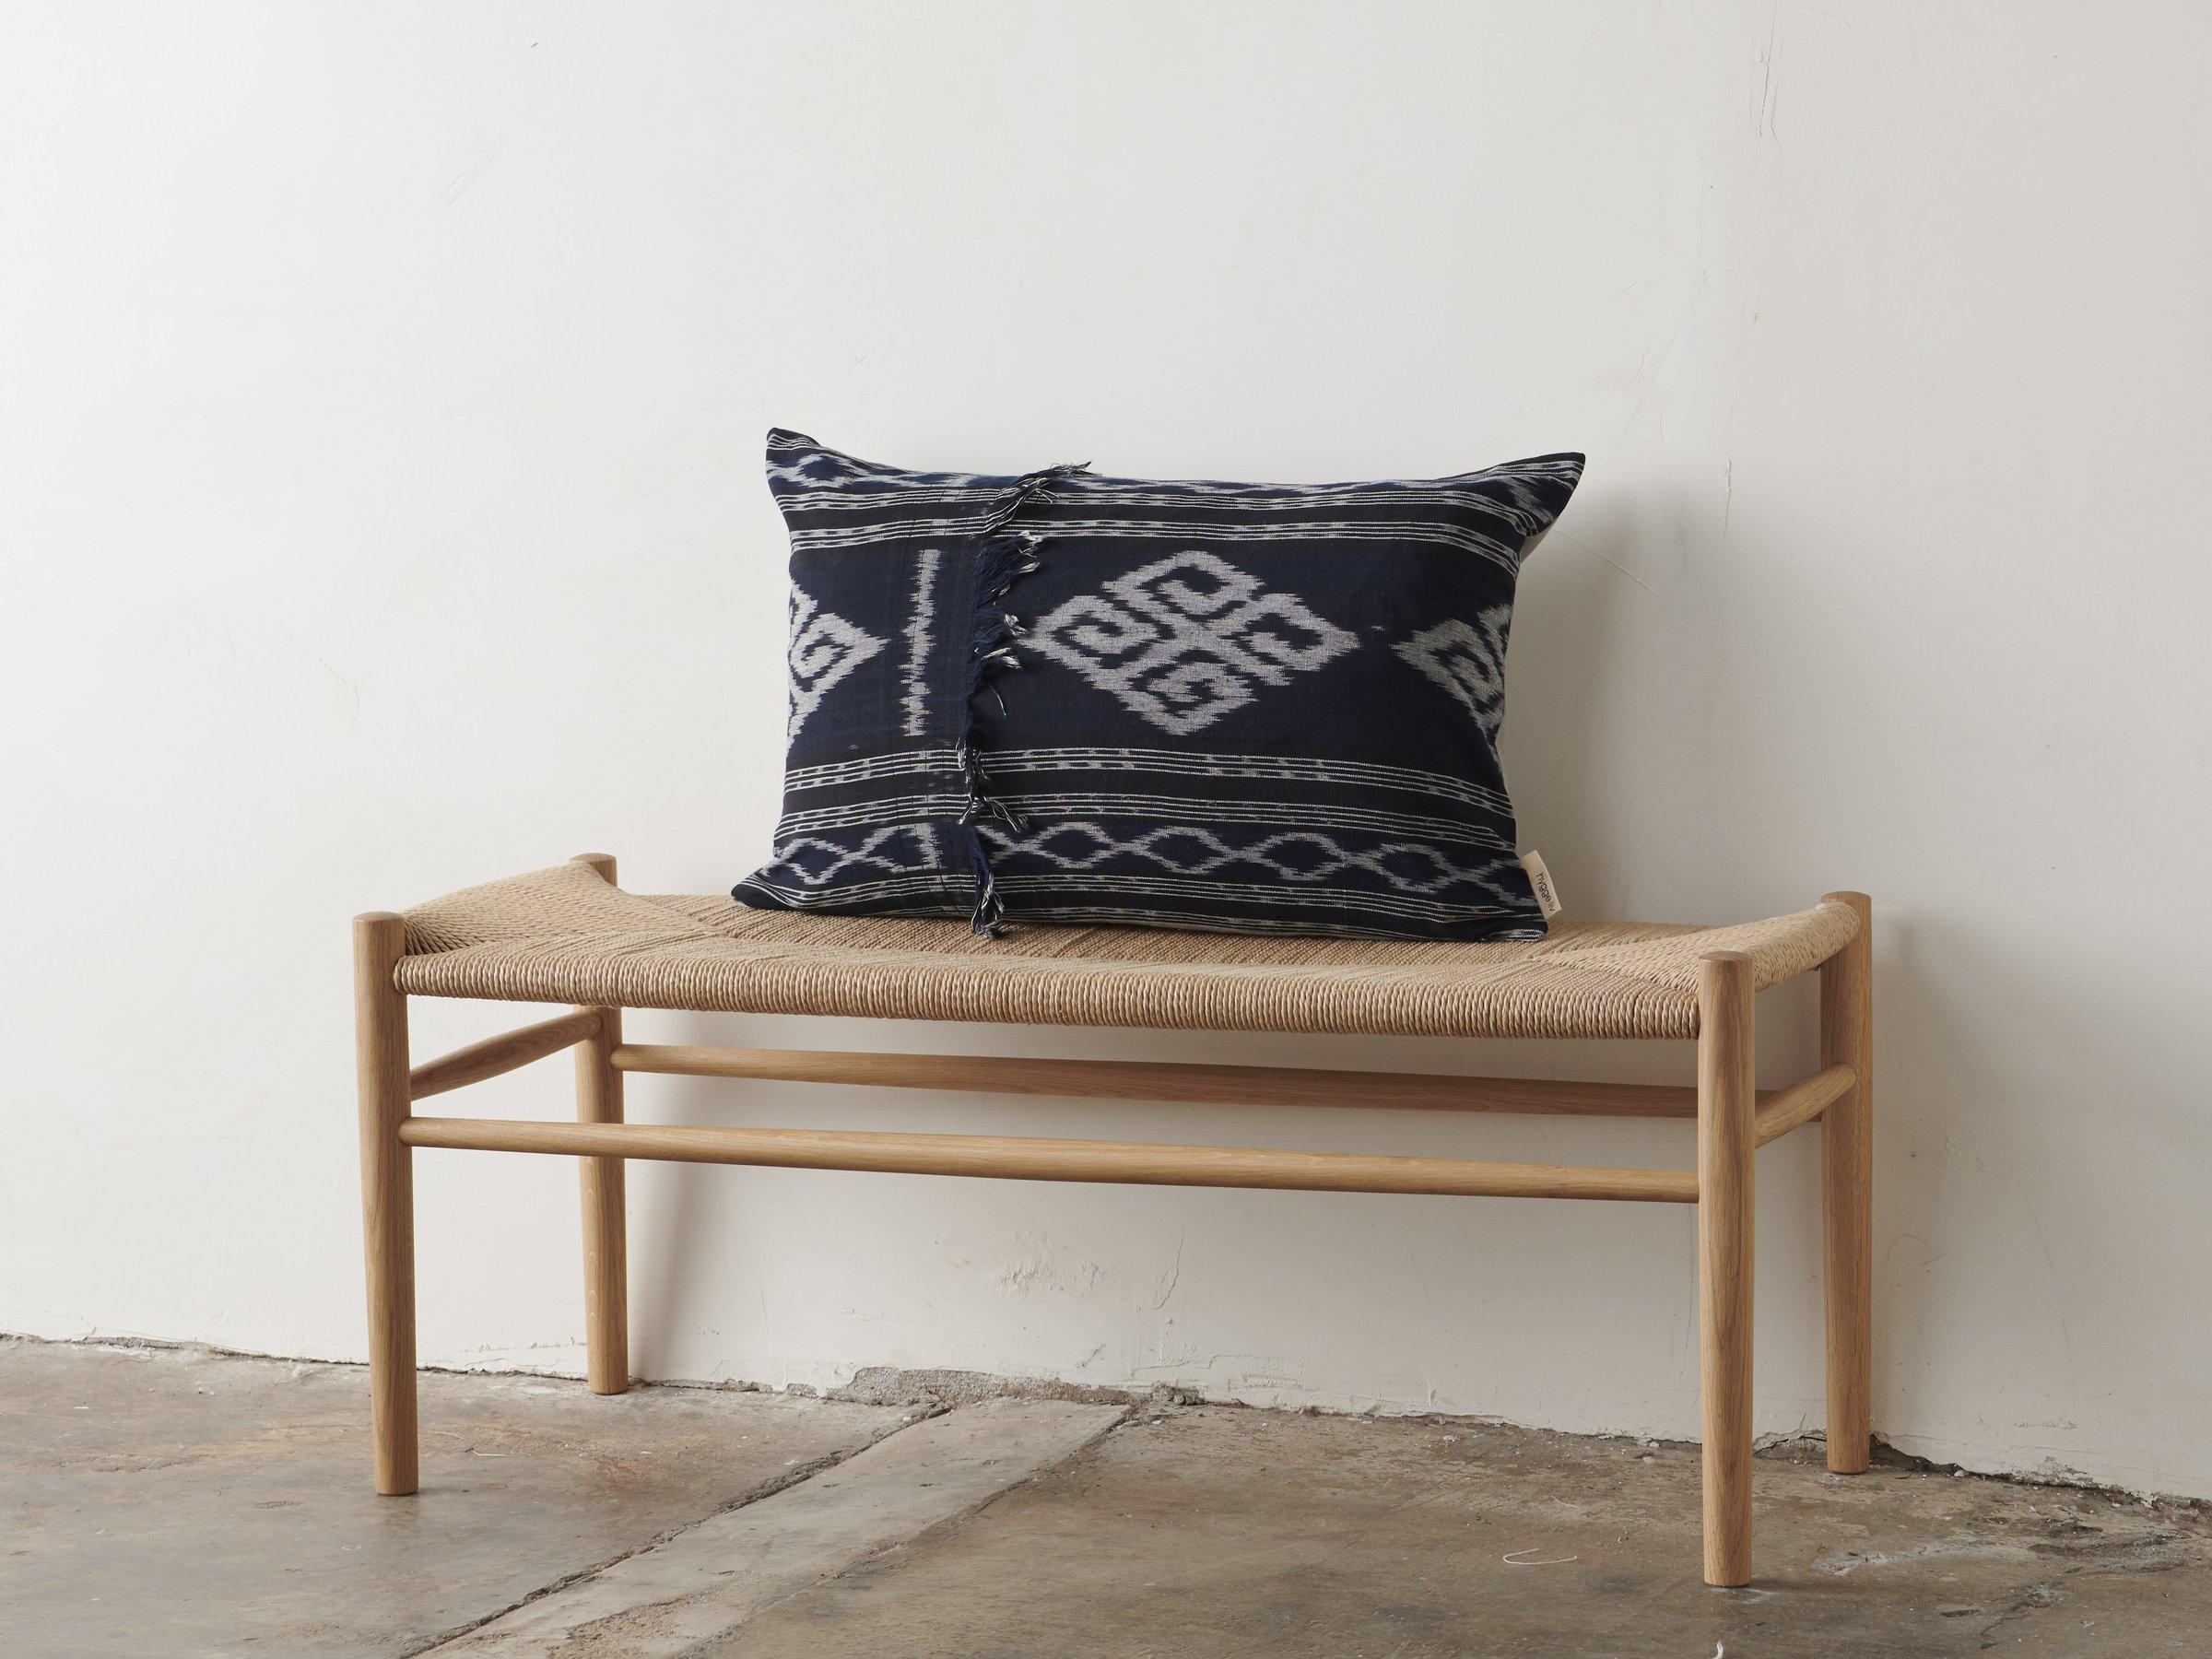 ThatScandinavianFeeling hygge cushion cozy gift guide